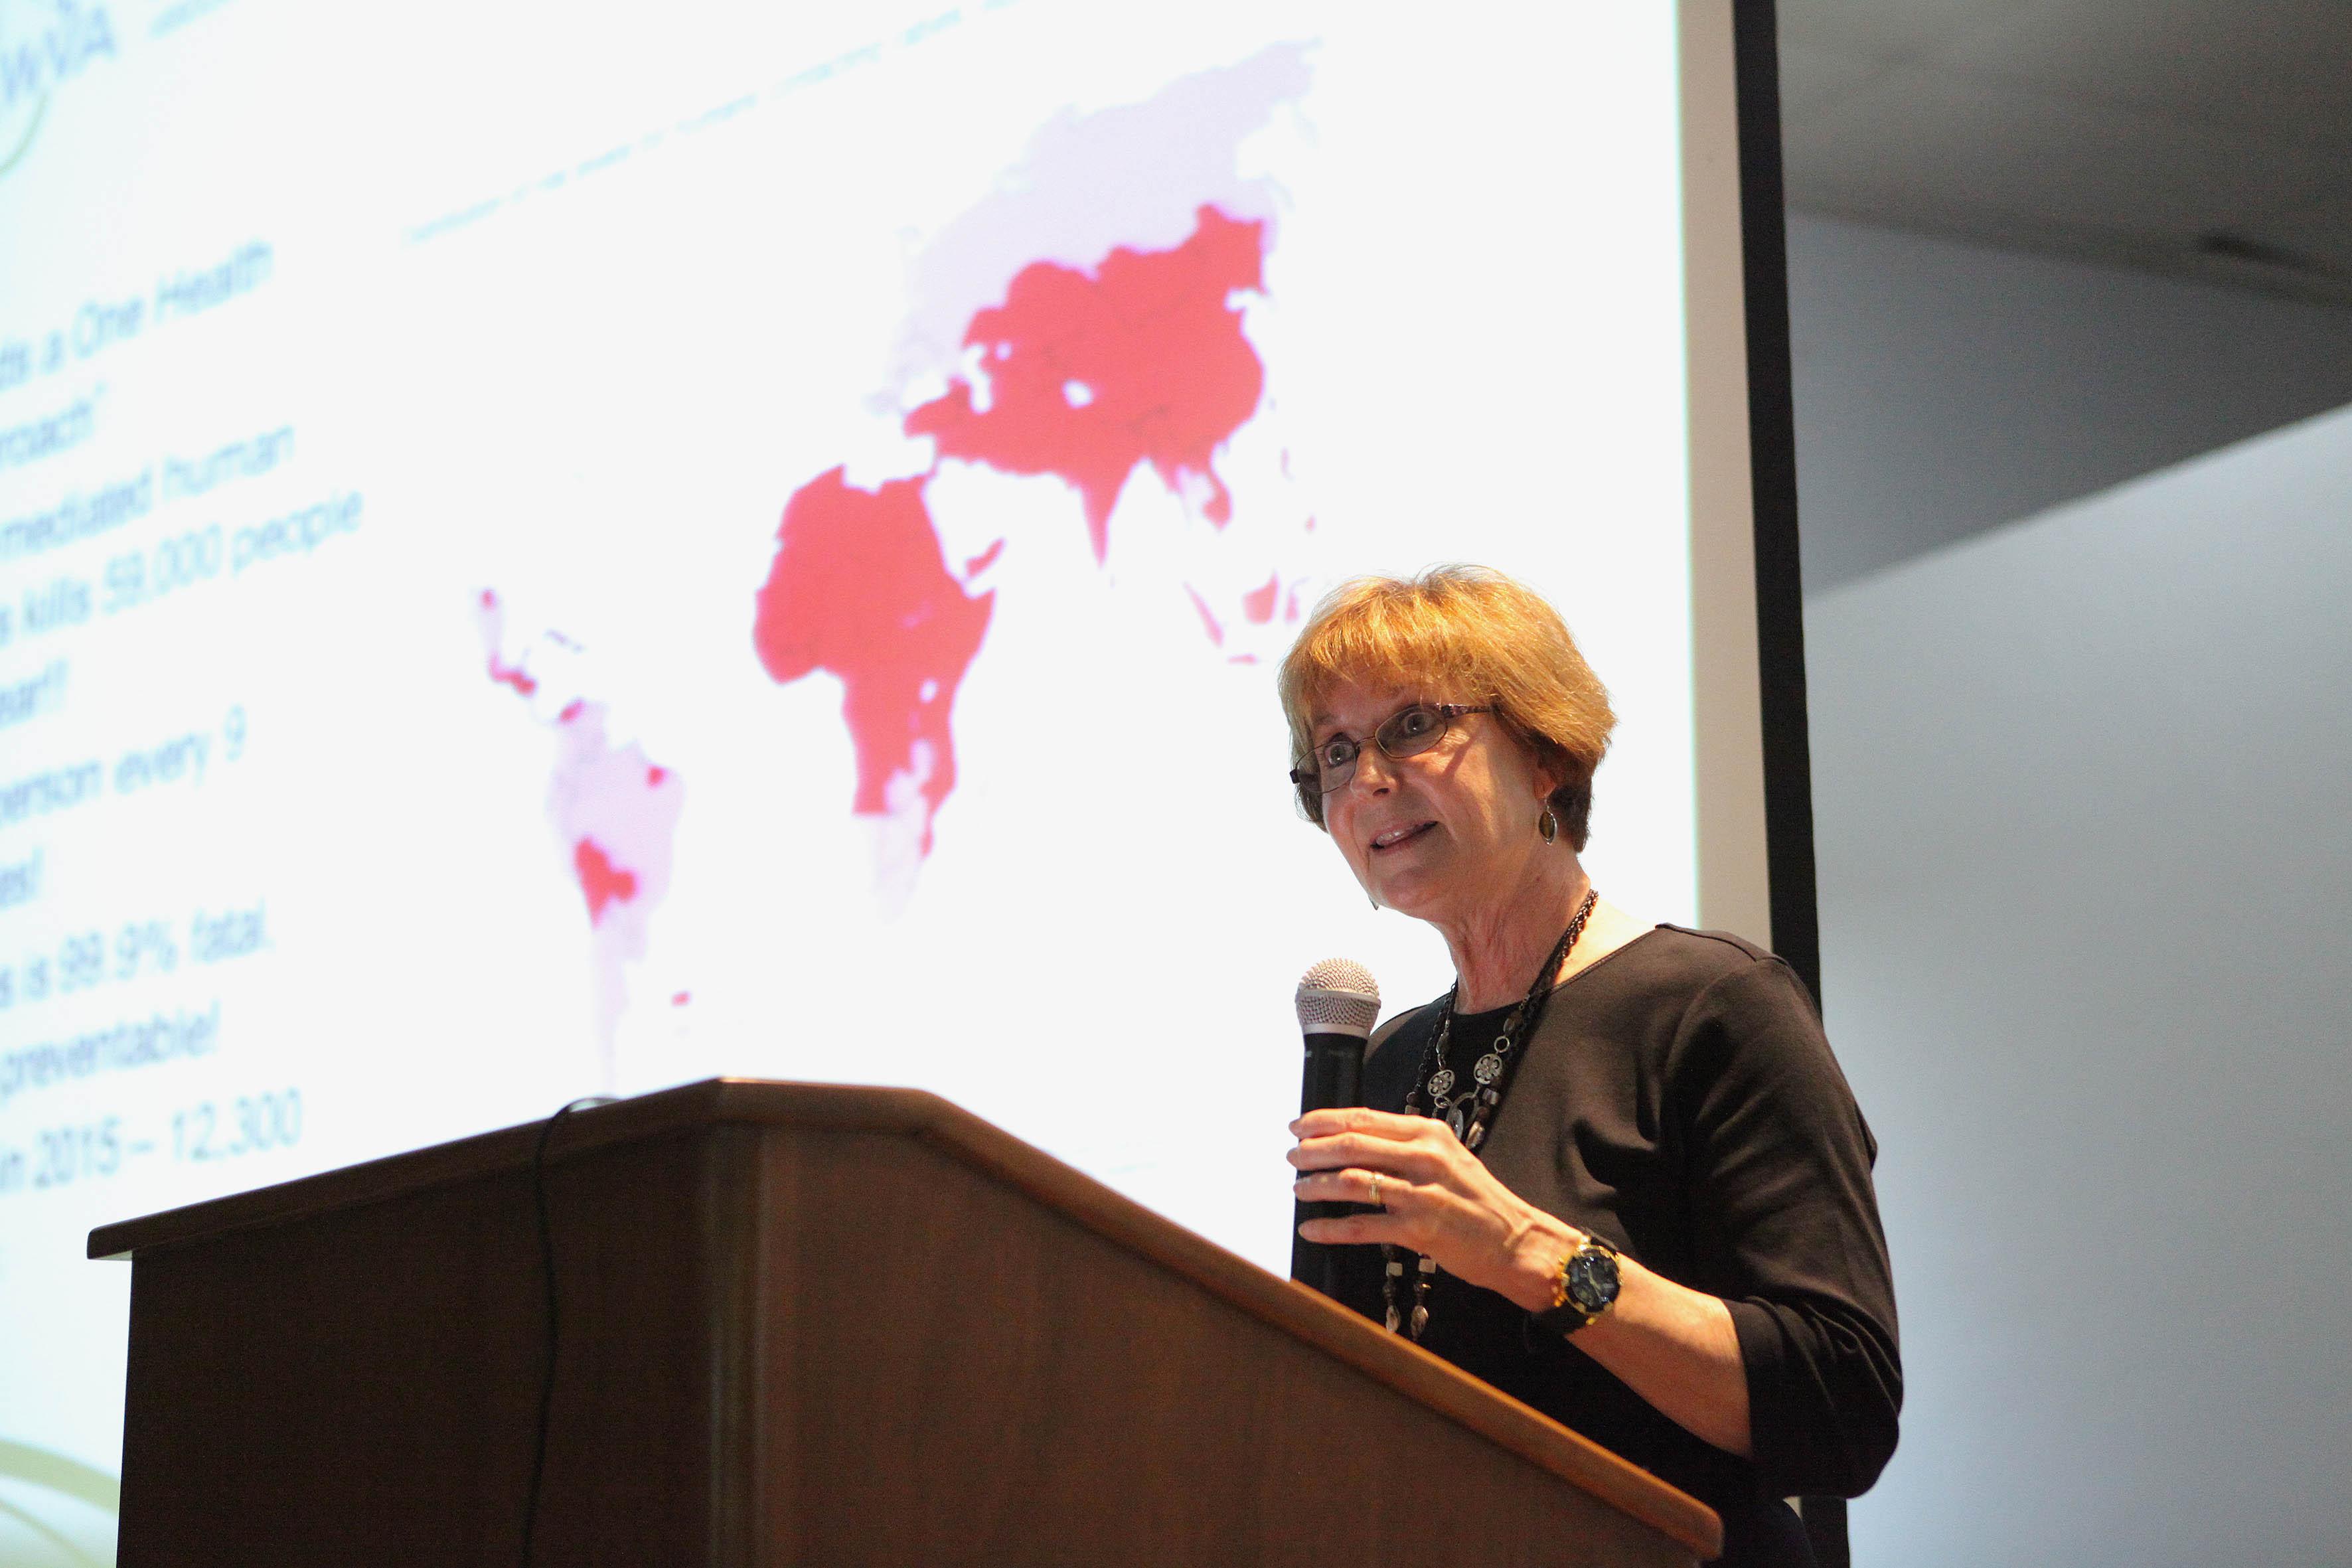 Presidenta de la Asociación Mundial Veterinaria, doctora René Carlson hablando frente al micrófono